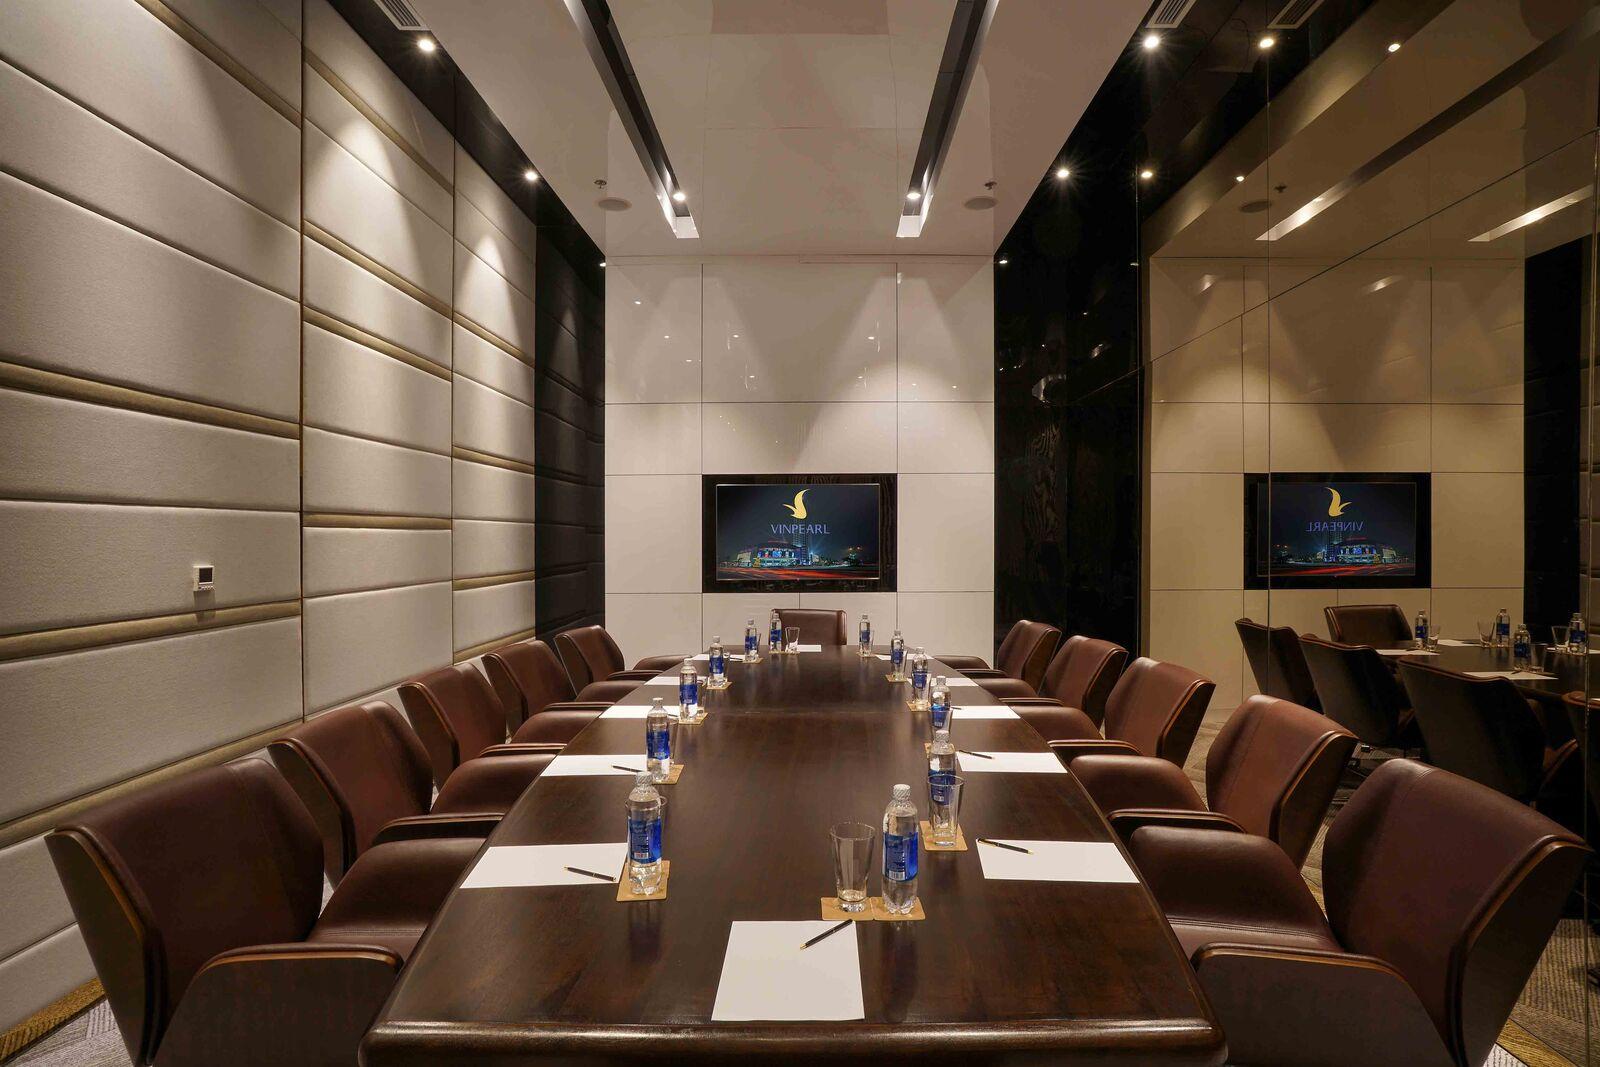 Dịch vụ hội họp và sự kiện tại Vinpearl Hotel Hà Tĩnh